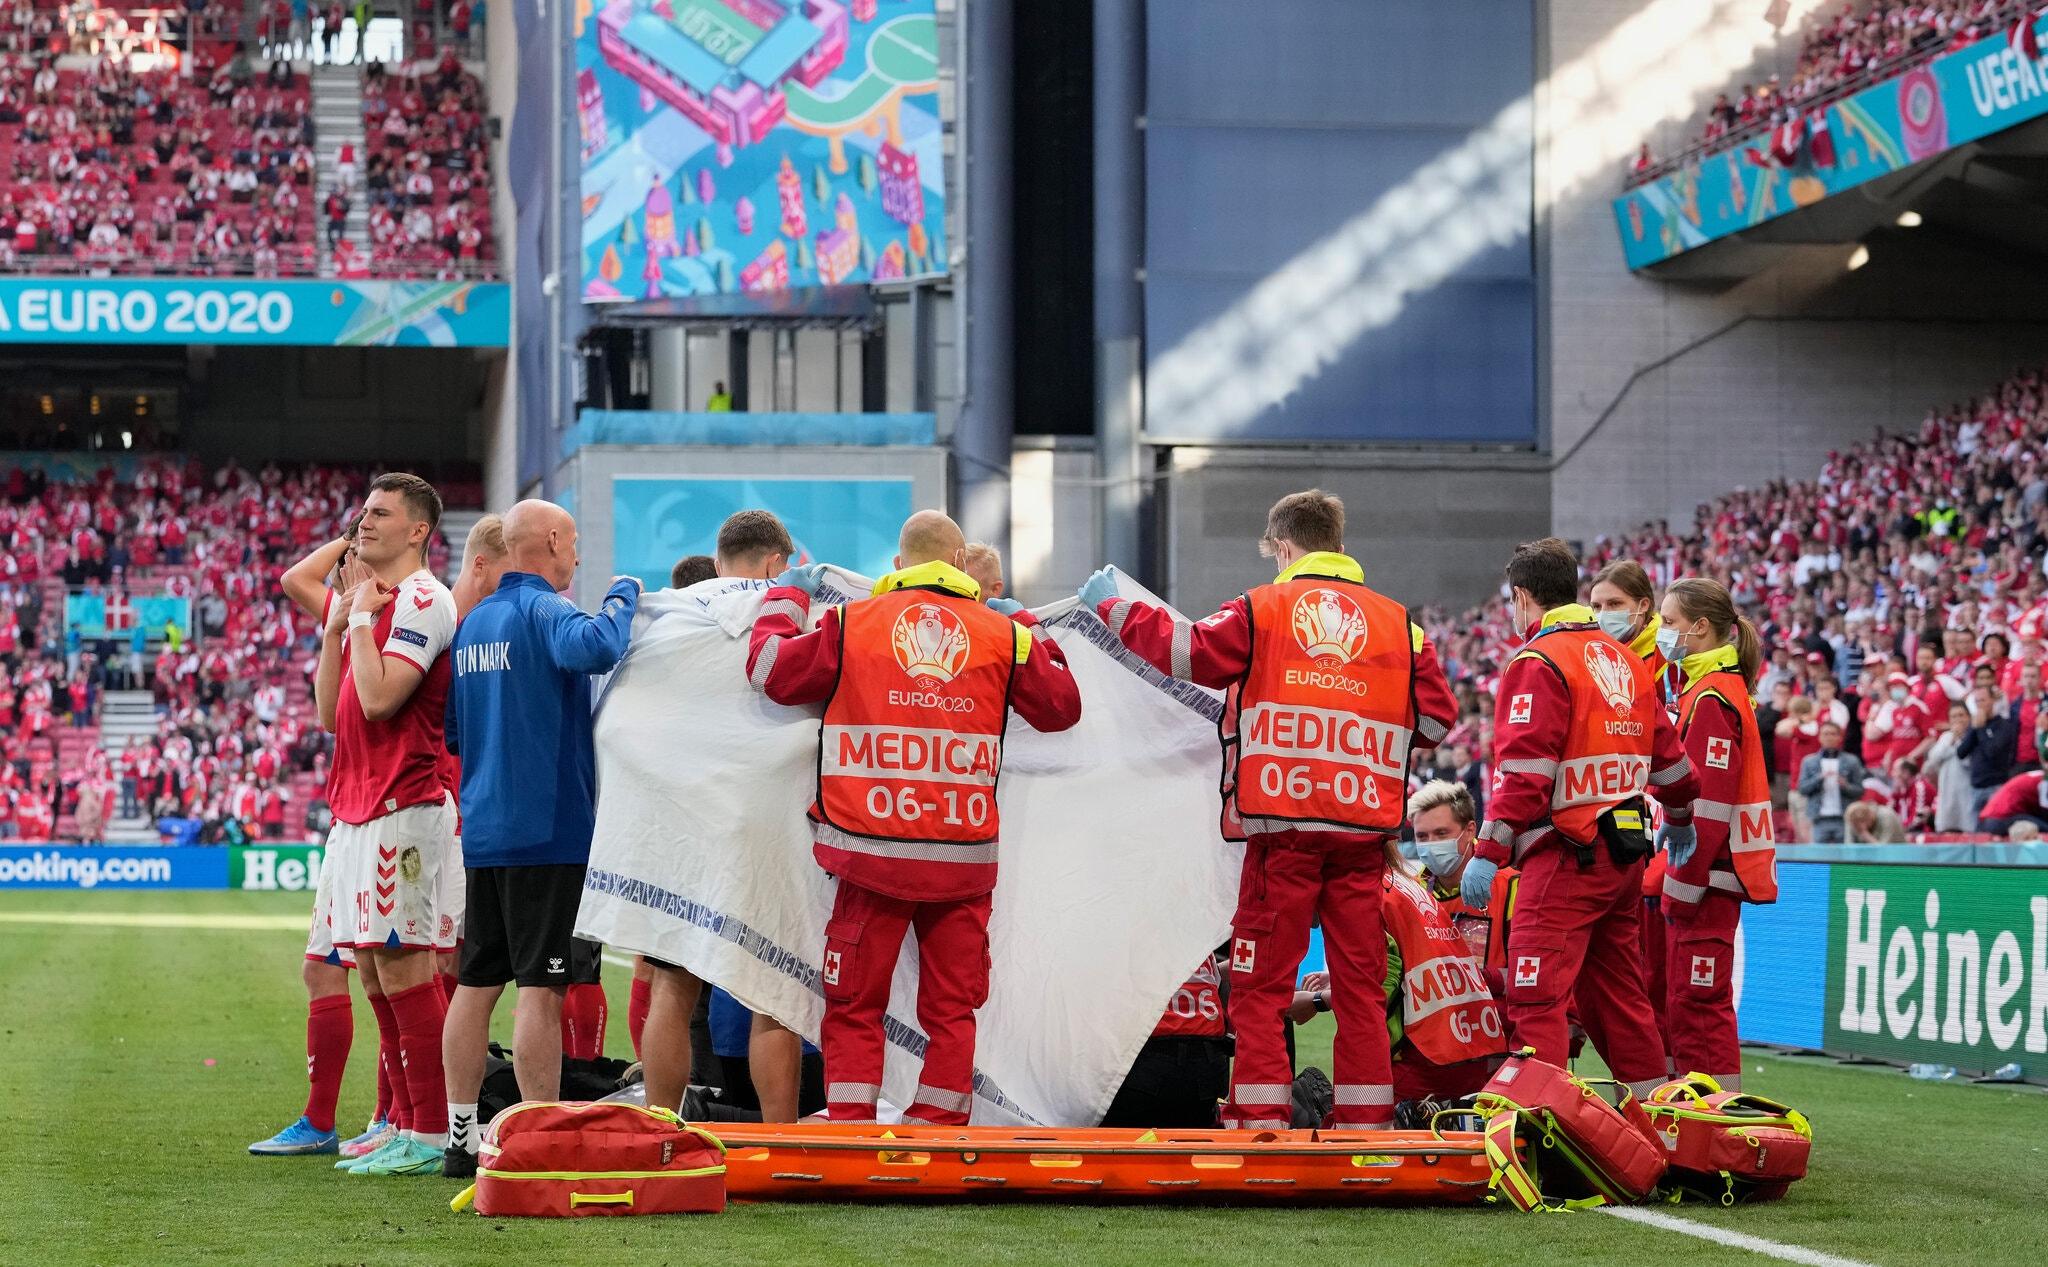 Pemain Denmark dan staf medis bersembunyi untuk menjaga privasi Eriksen saat dia diberikan pertolongan pertama di Parken pada 12 Juni.